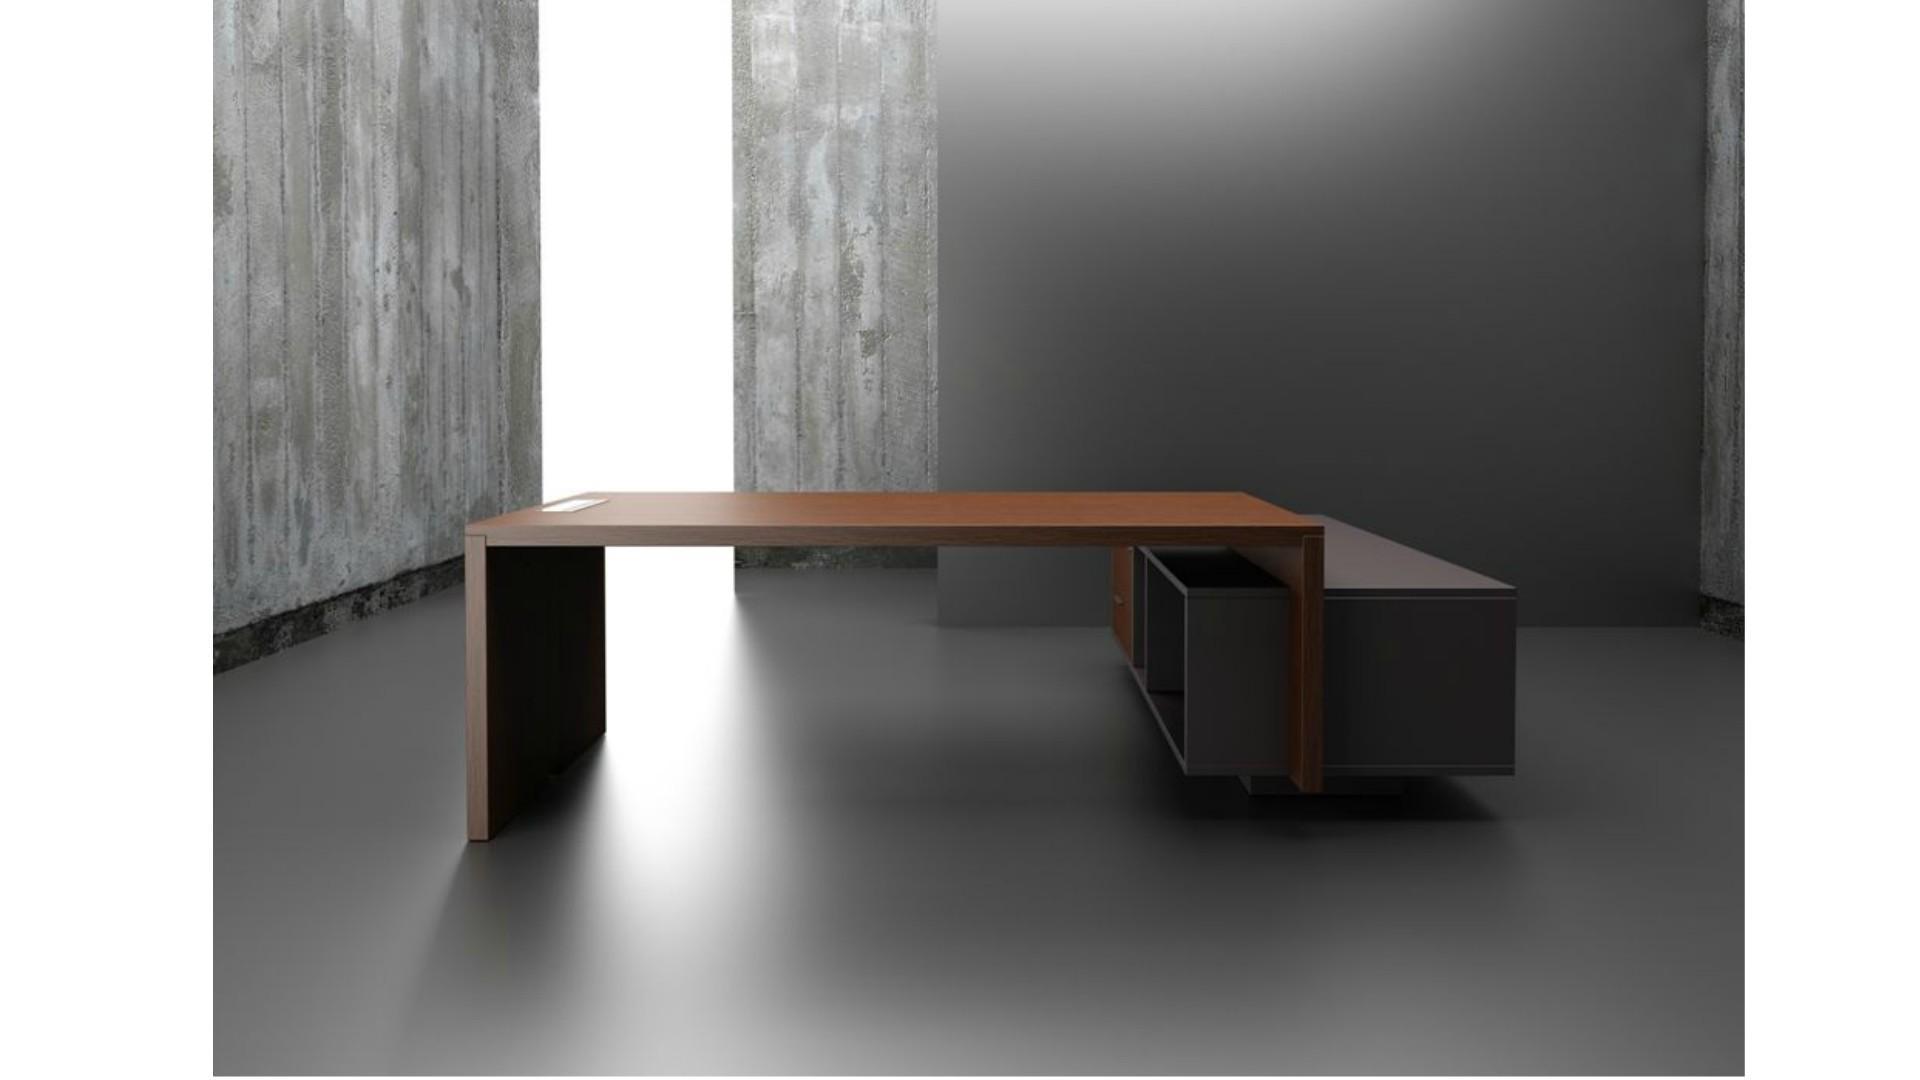 Muebles de oficina a precios en sevilla irresitibles mubbar for Muebles de oficina precios